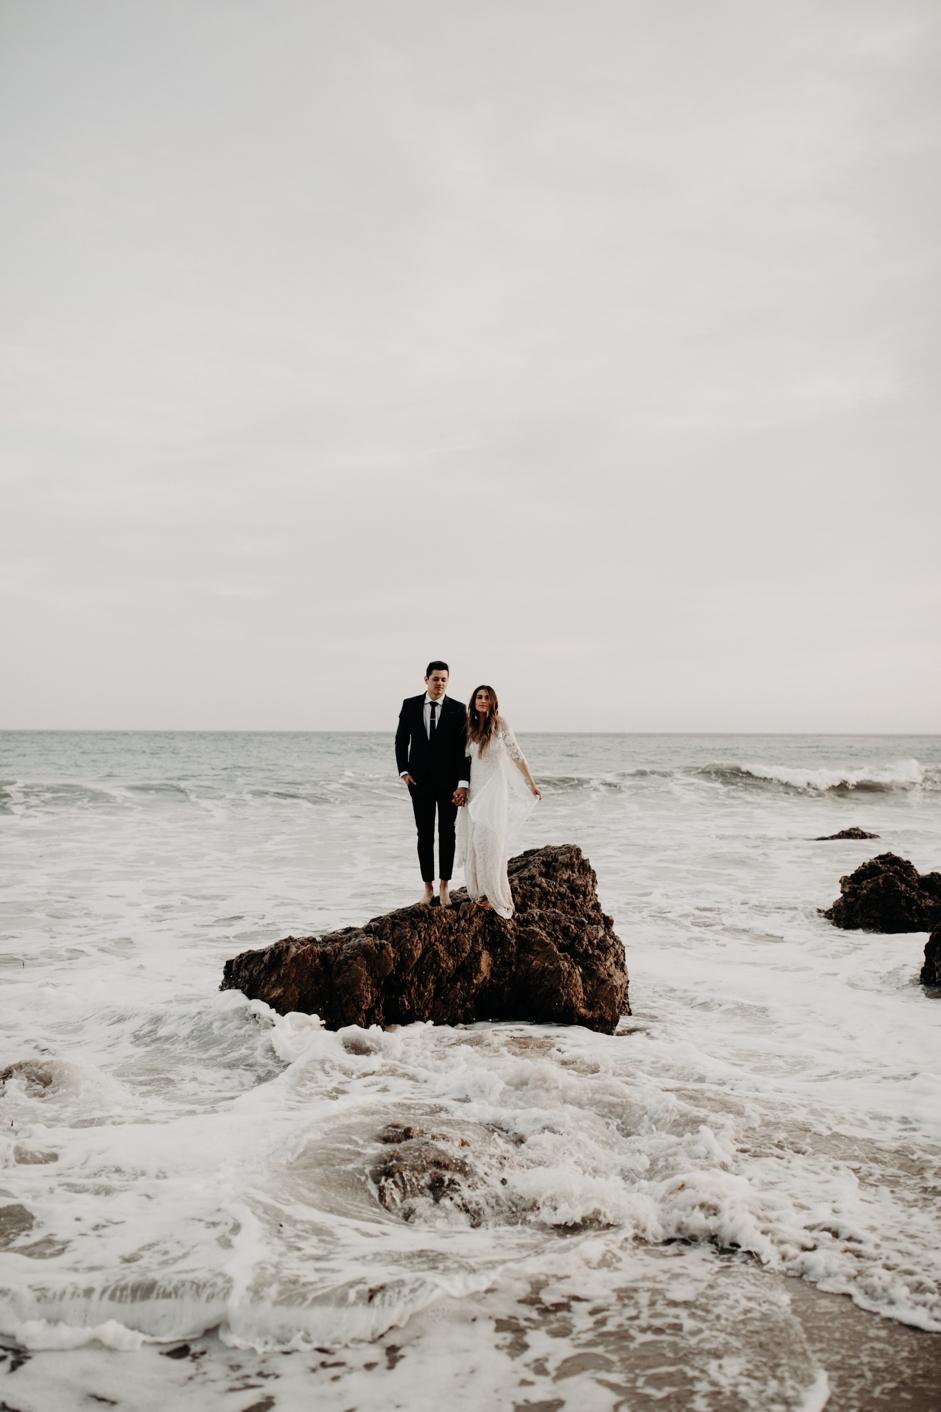 El Matador Beach Bridal Portraits Justellen & TJ Emily Magers Photography-301Emily Magers Photography.jpg